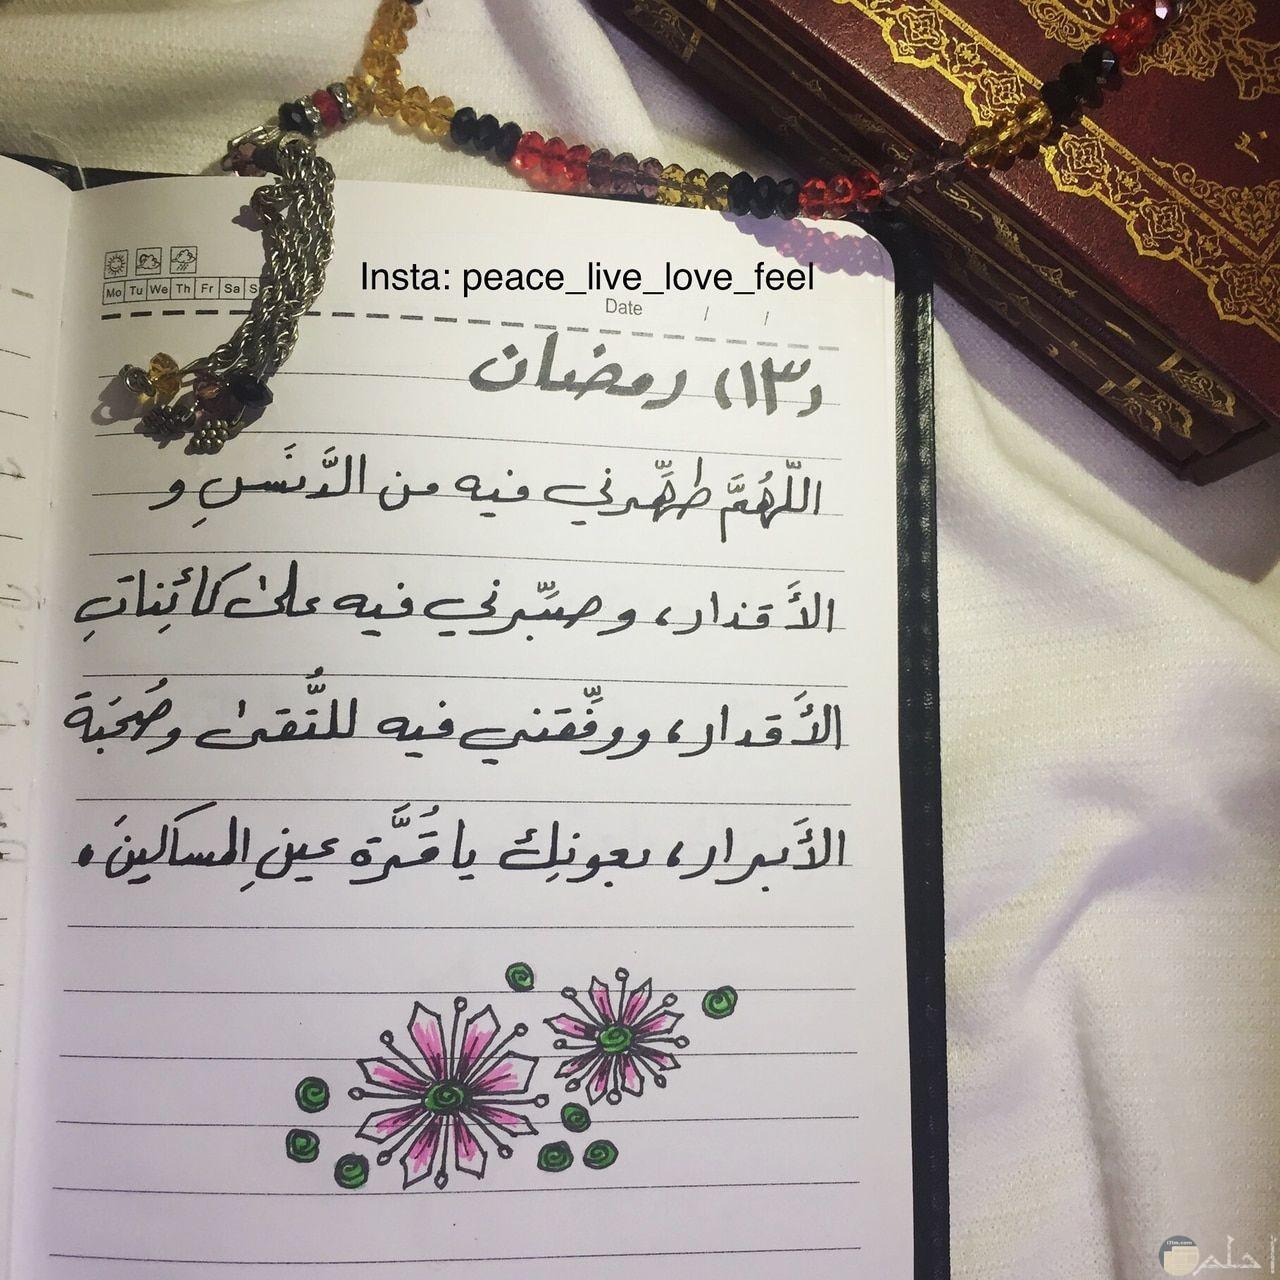 دعاء اليوم 13 من رمضان